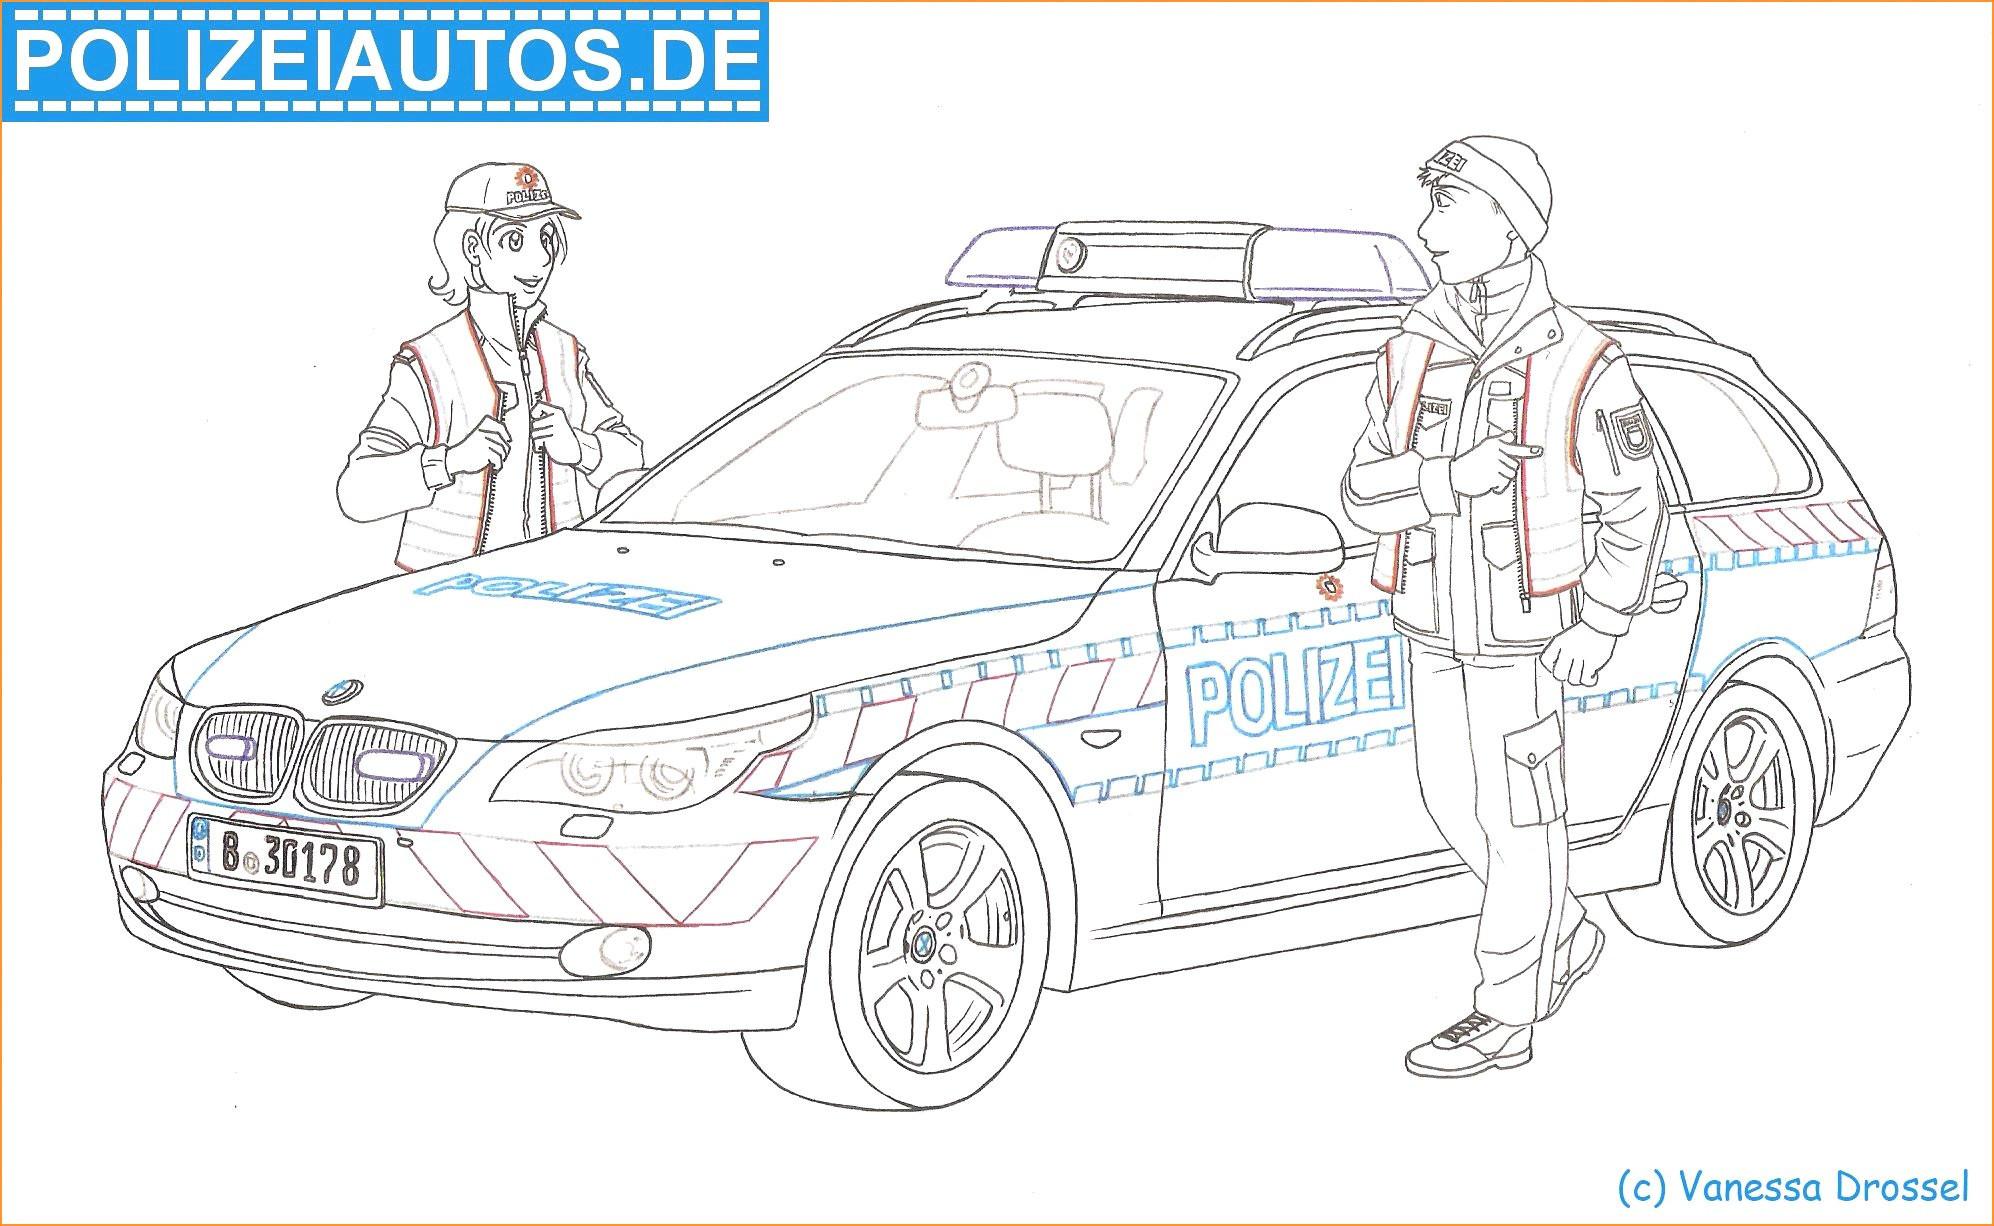 Motorrad Zeichnung Zum Ausmalen Frisch 48 Erstaunlich Ausmalbilder Kostenlos Polizei Malvorlagen Fotos